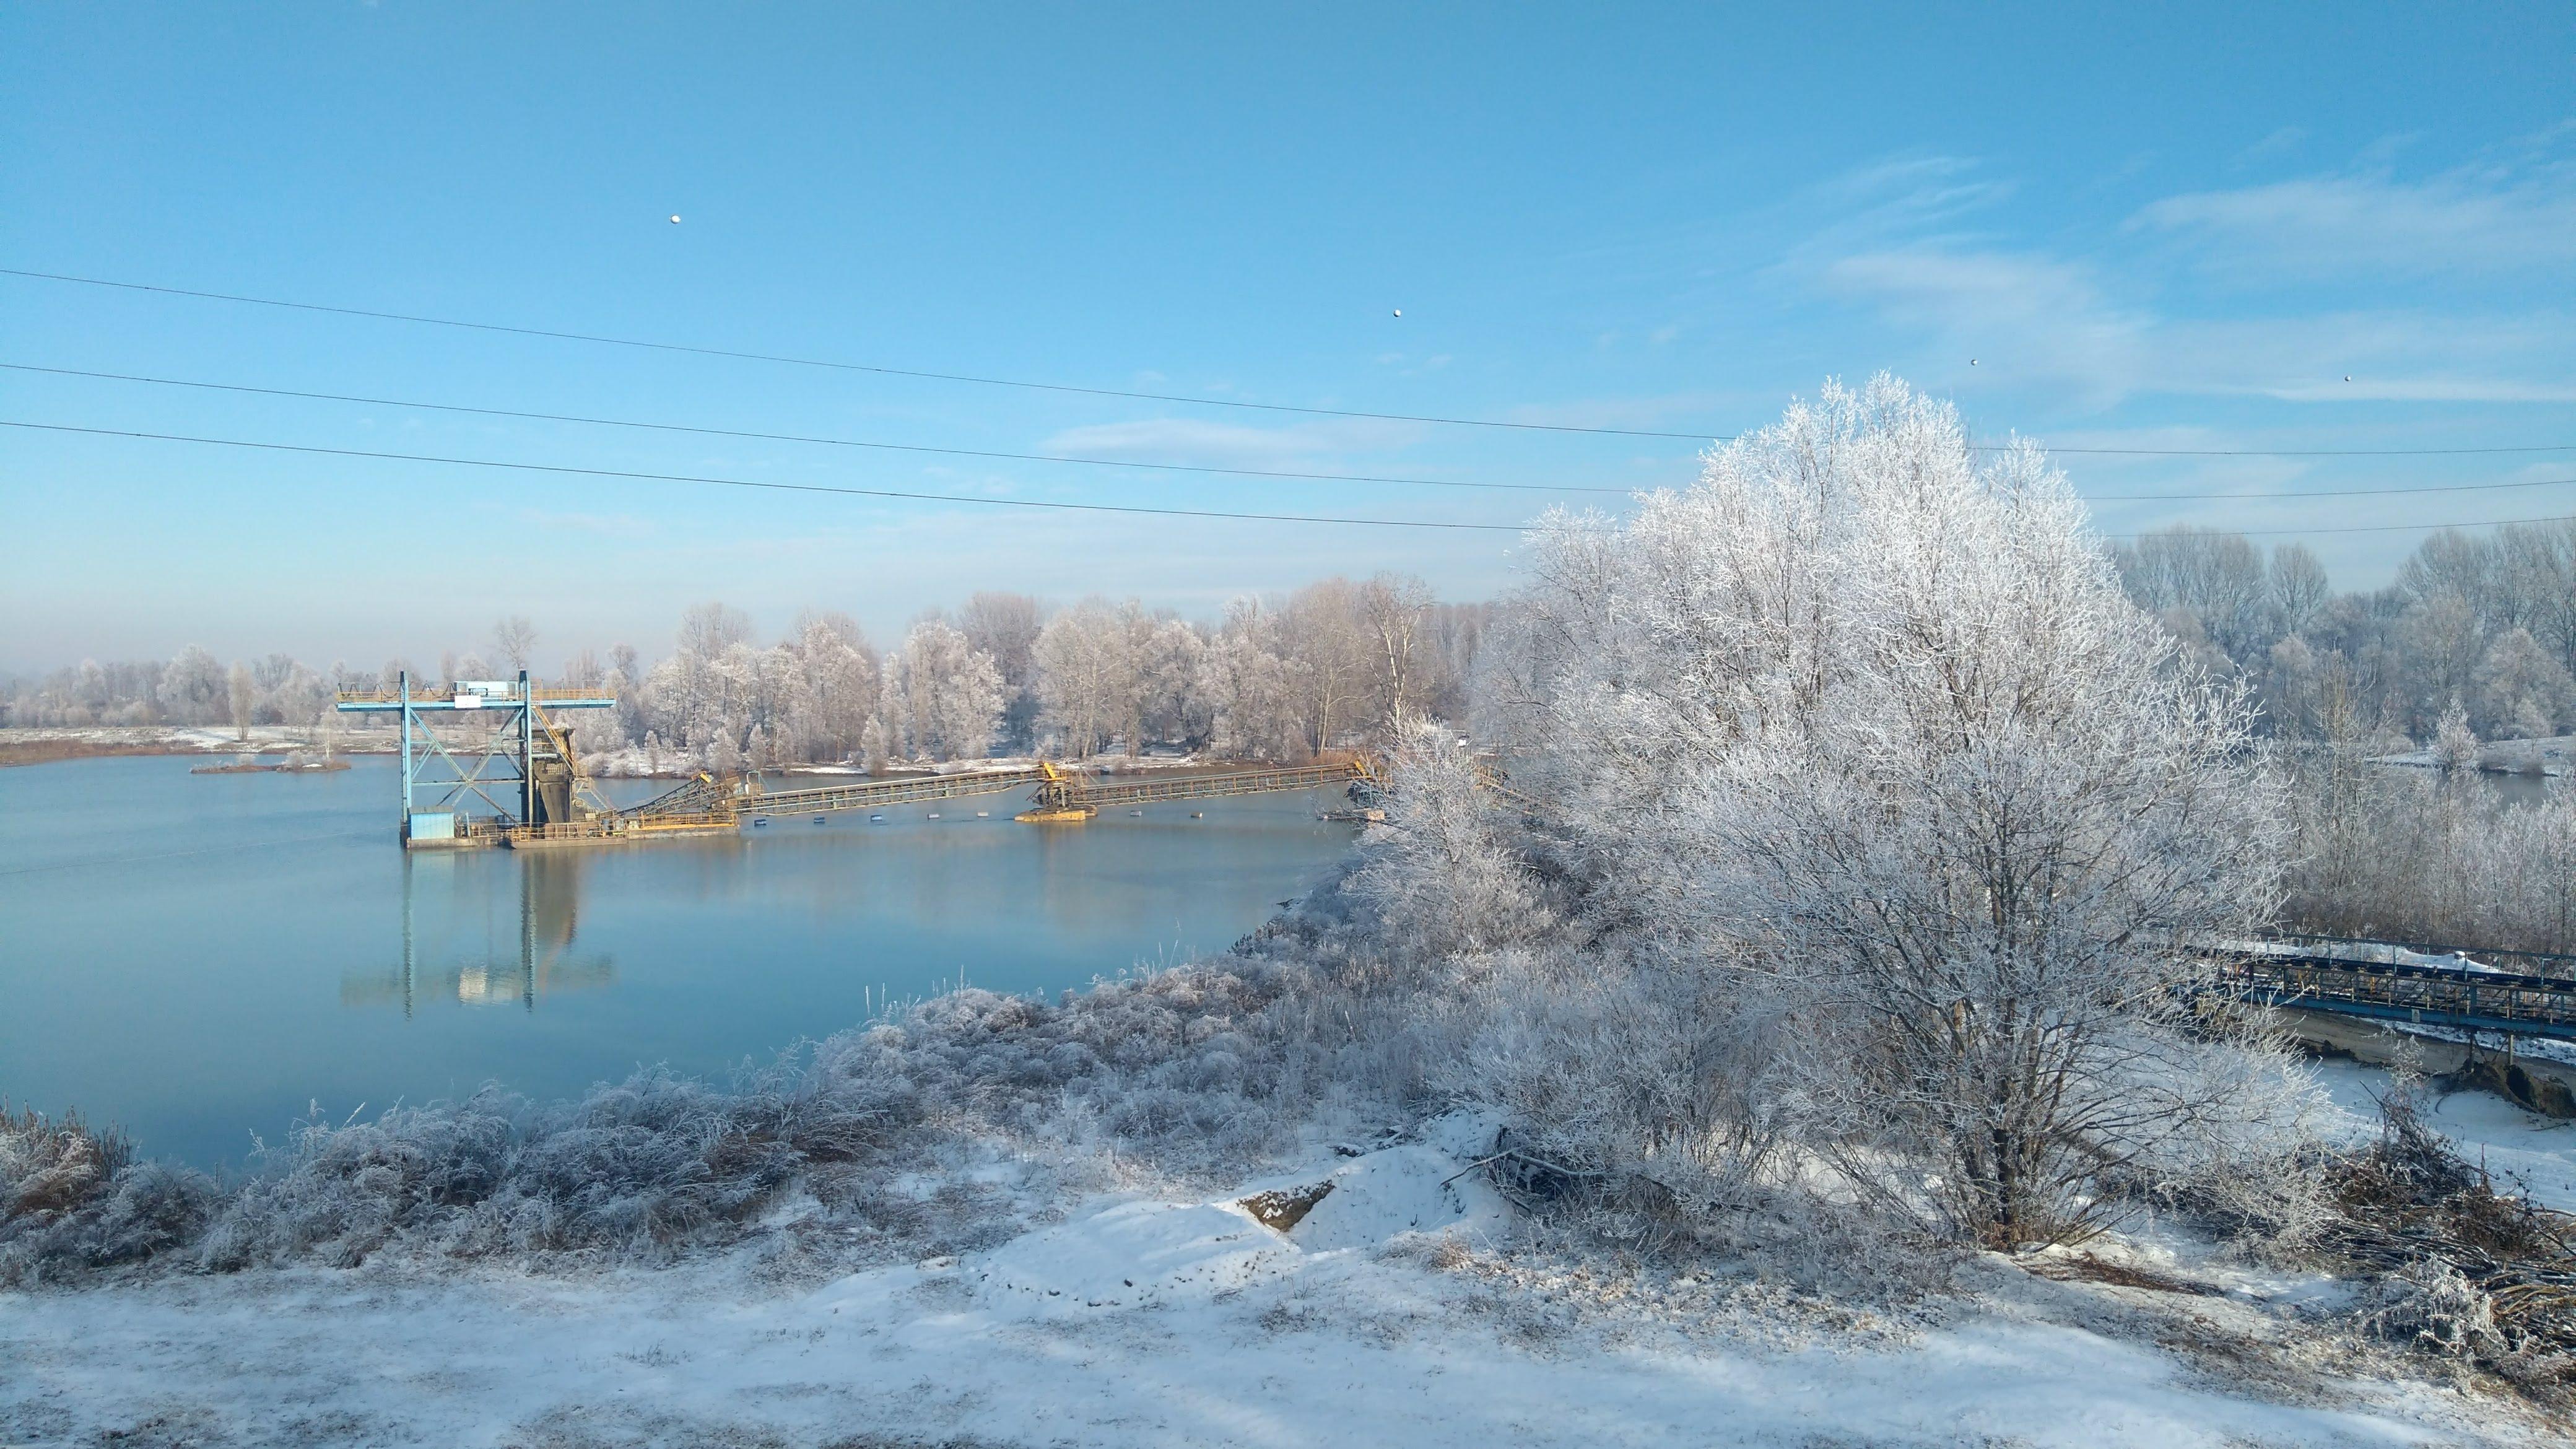 lago e neve